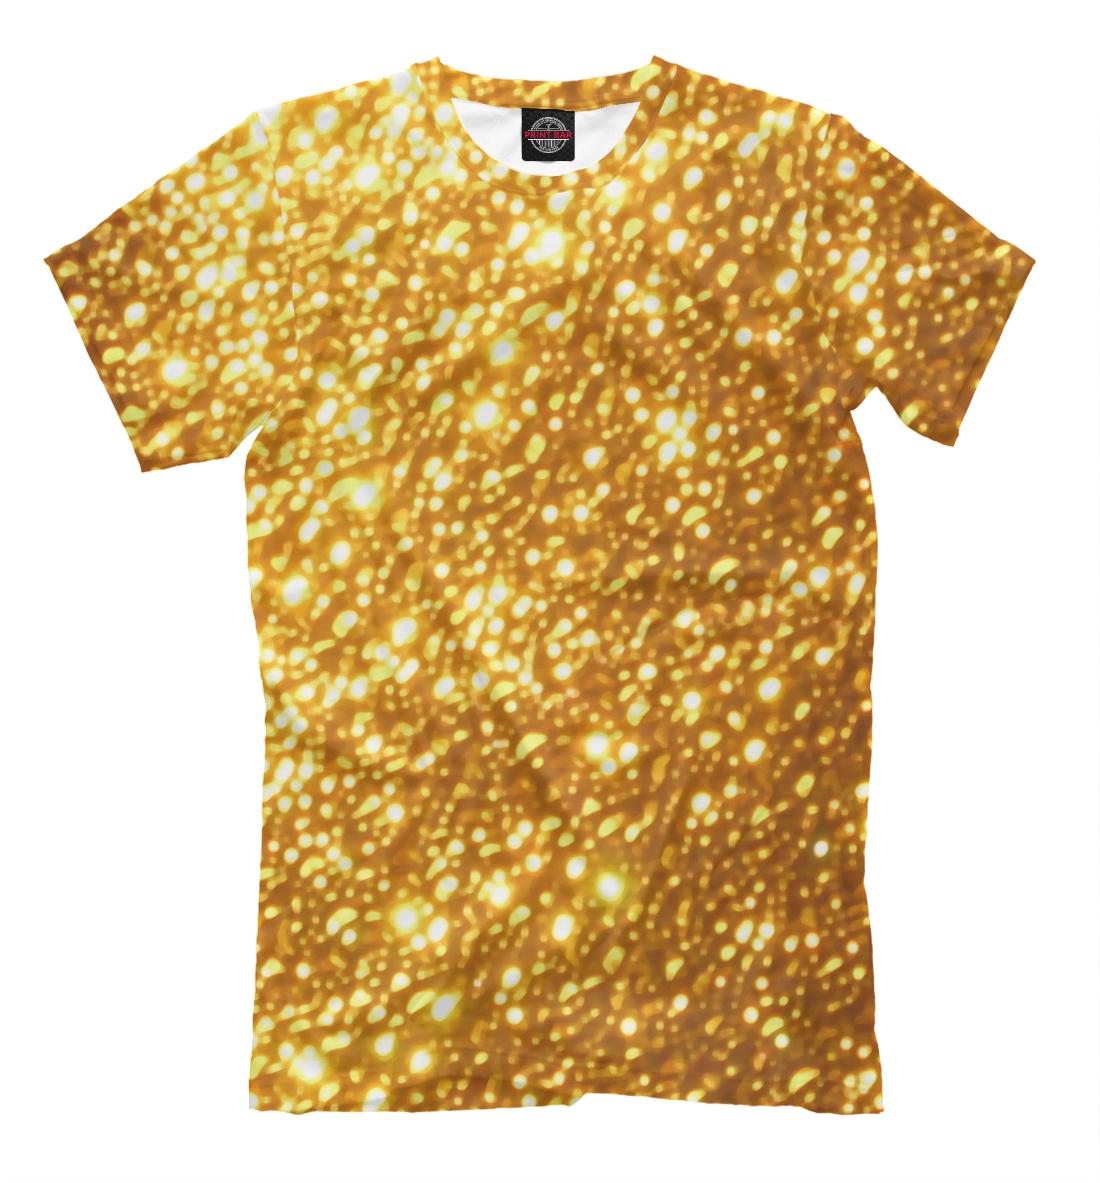 Купить Золото, Printbar, Футболки, APD-995625-fut-2